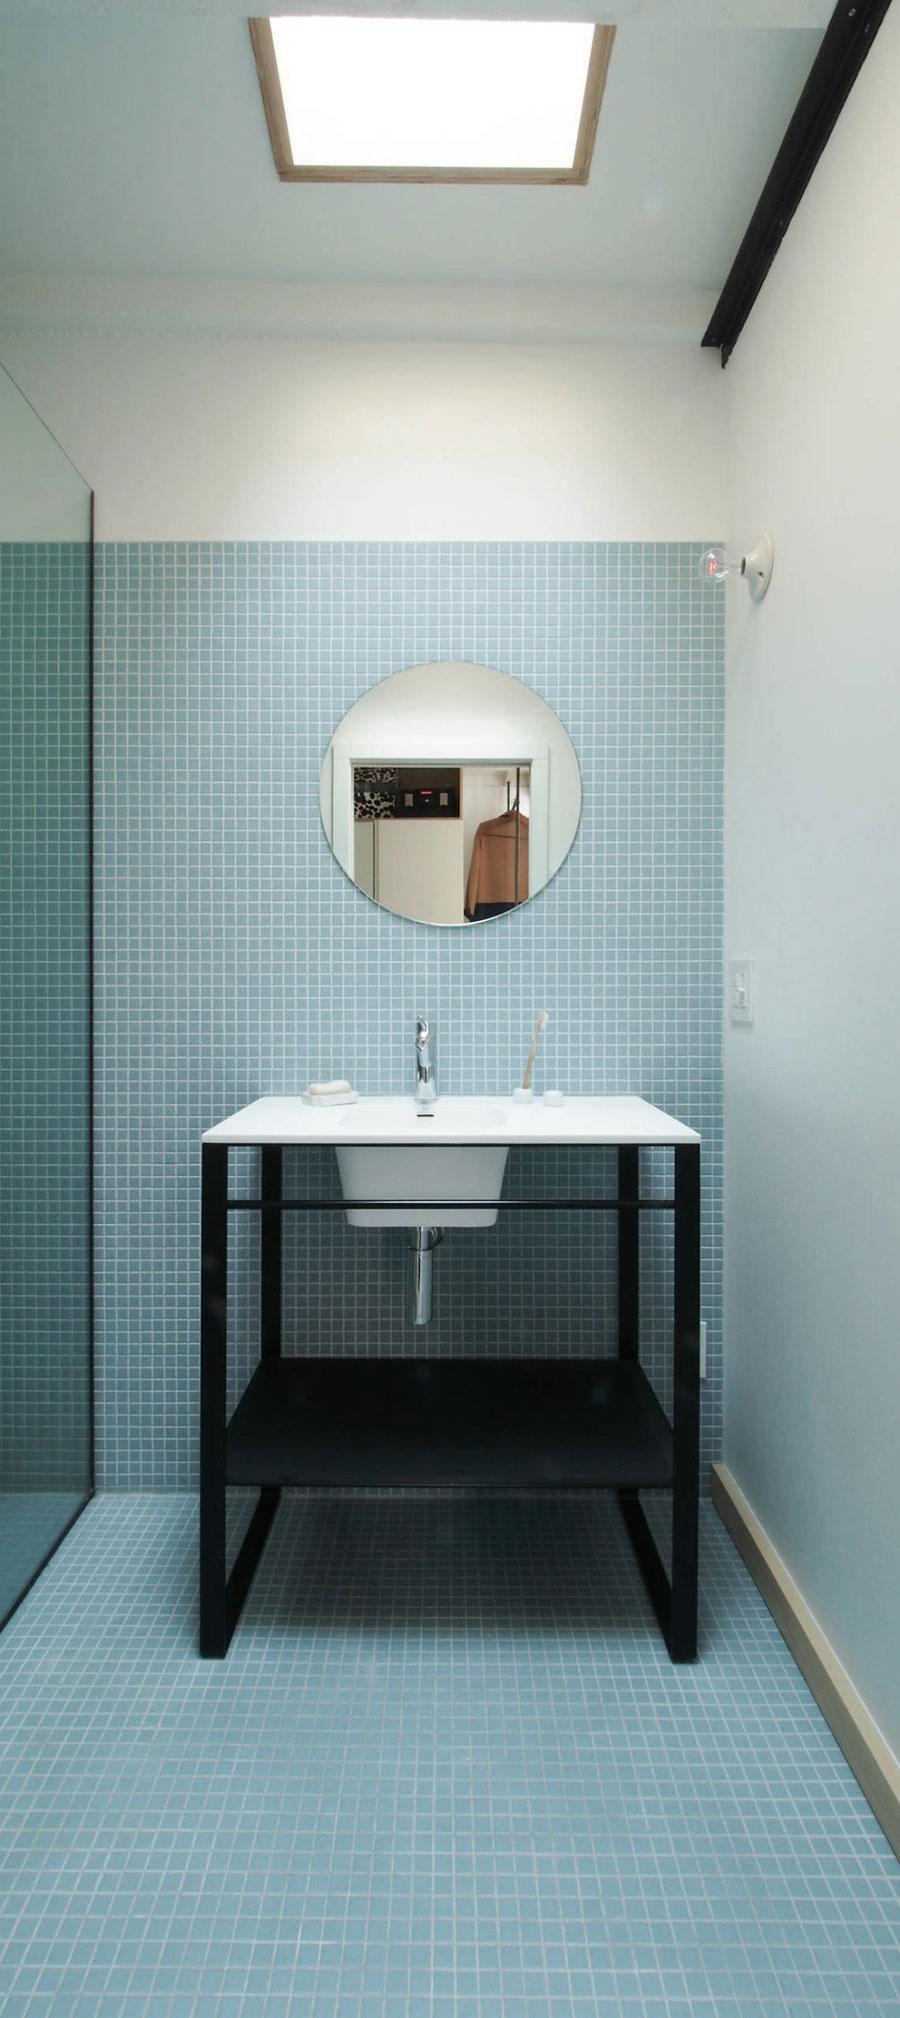 Industriële badkamer met blauwe mozaïektegeltjes